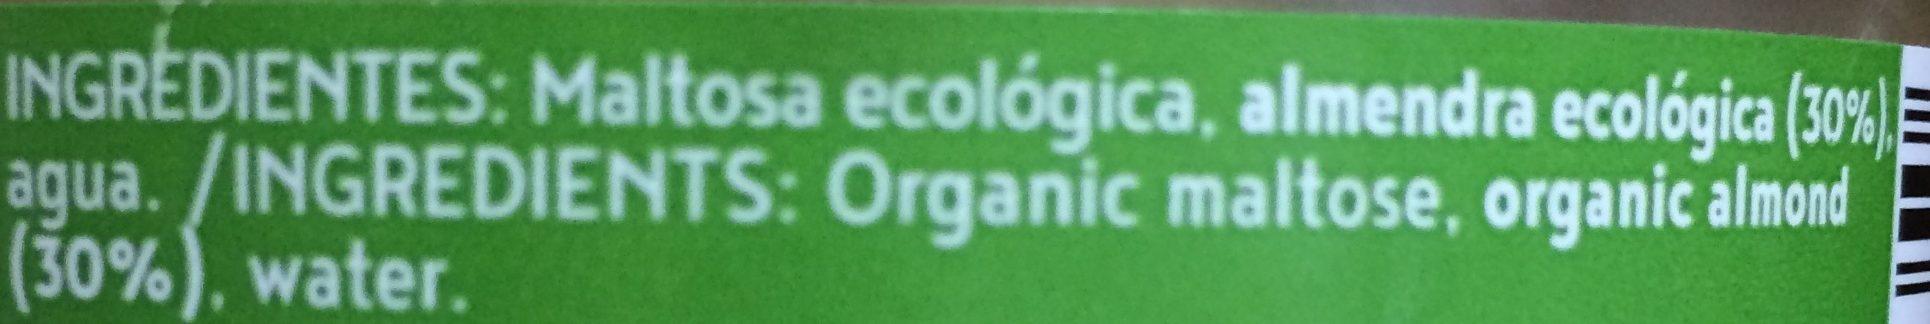 Crema de almendras ecológica - Ingredientes - es